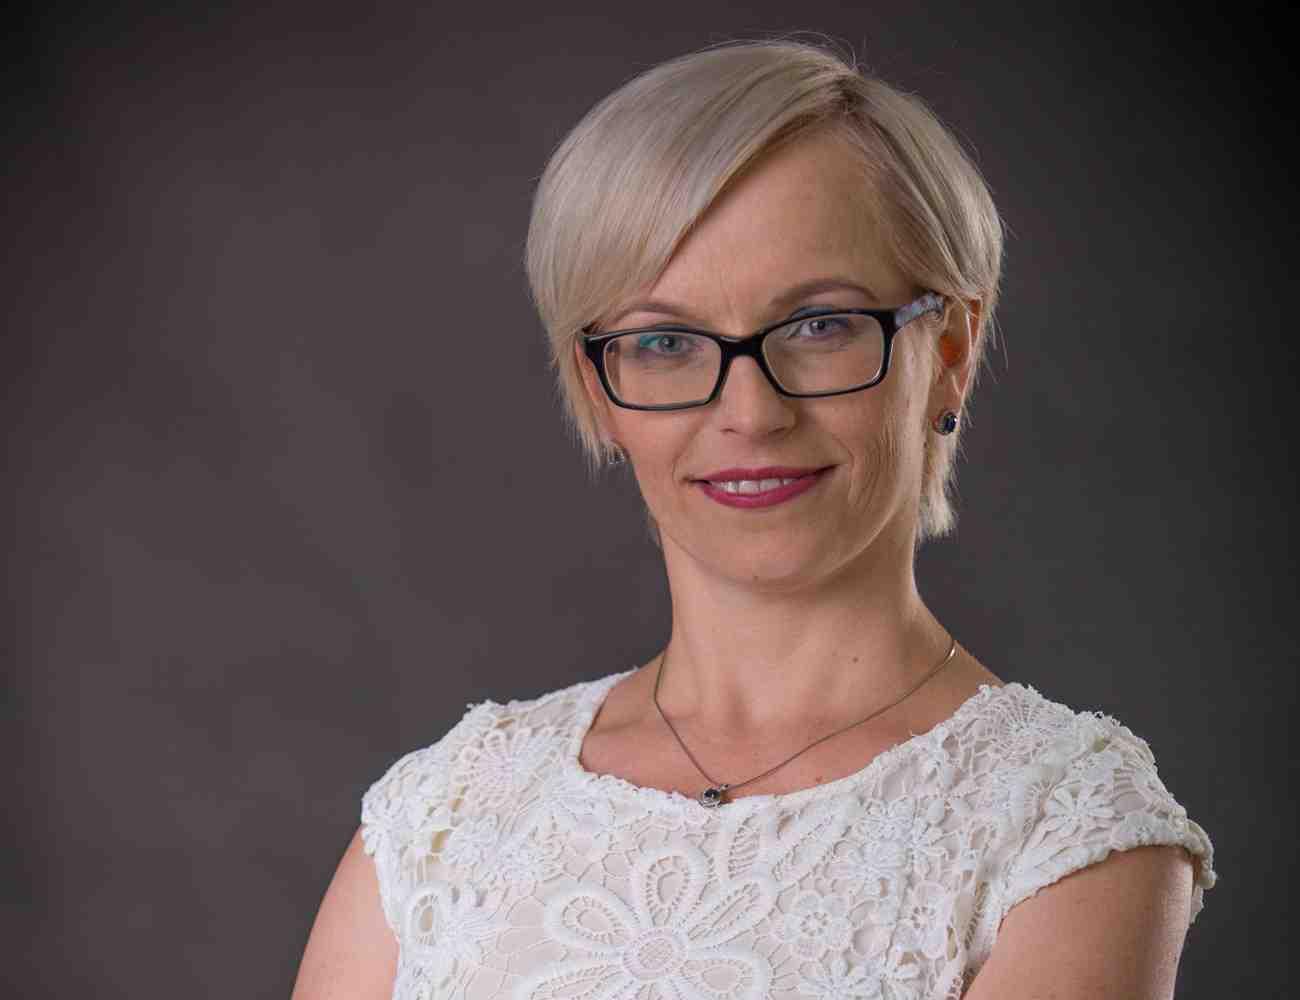 Izabela Krzywdzińska